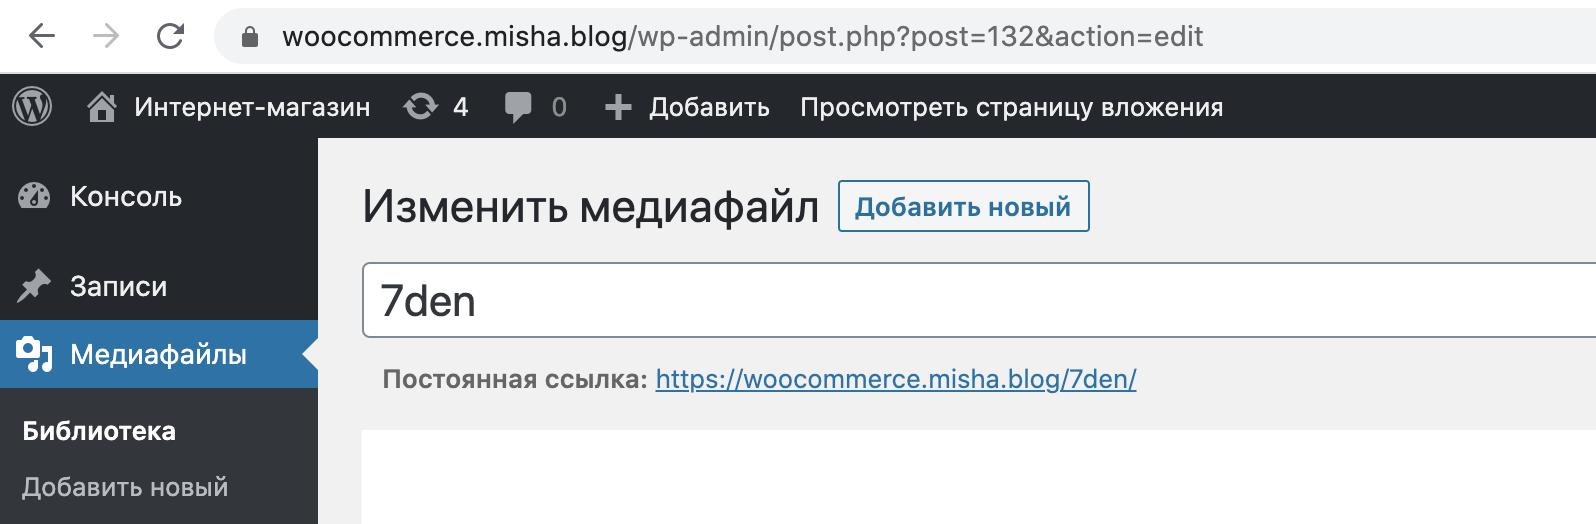 как определить ID медиафайла в WordPress